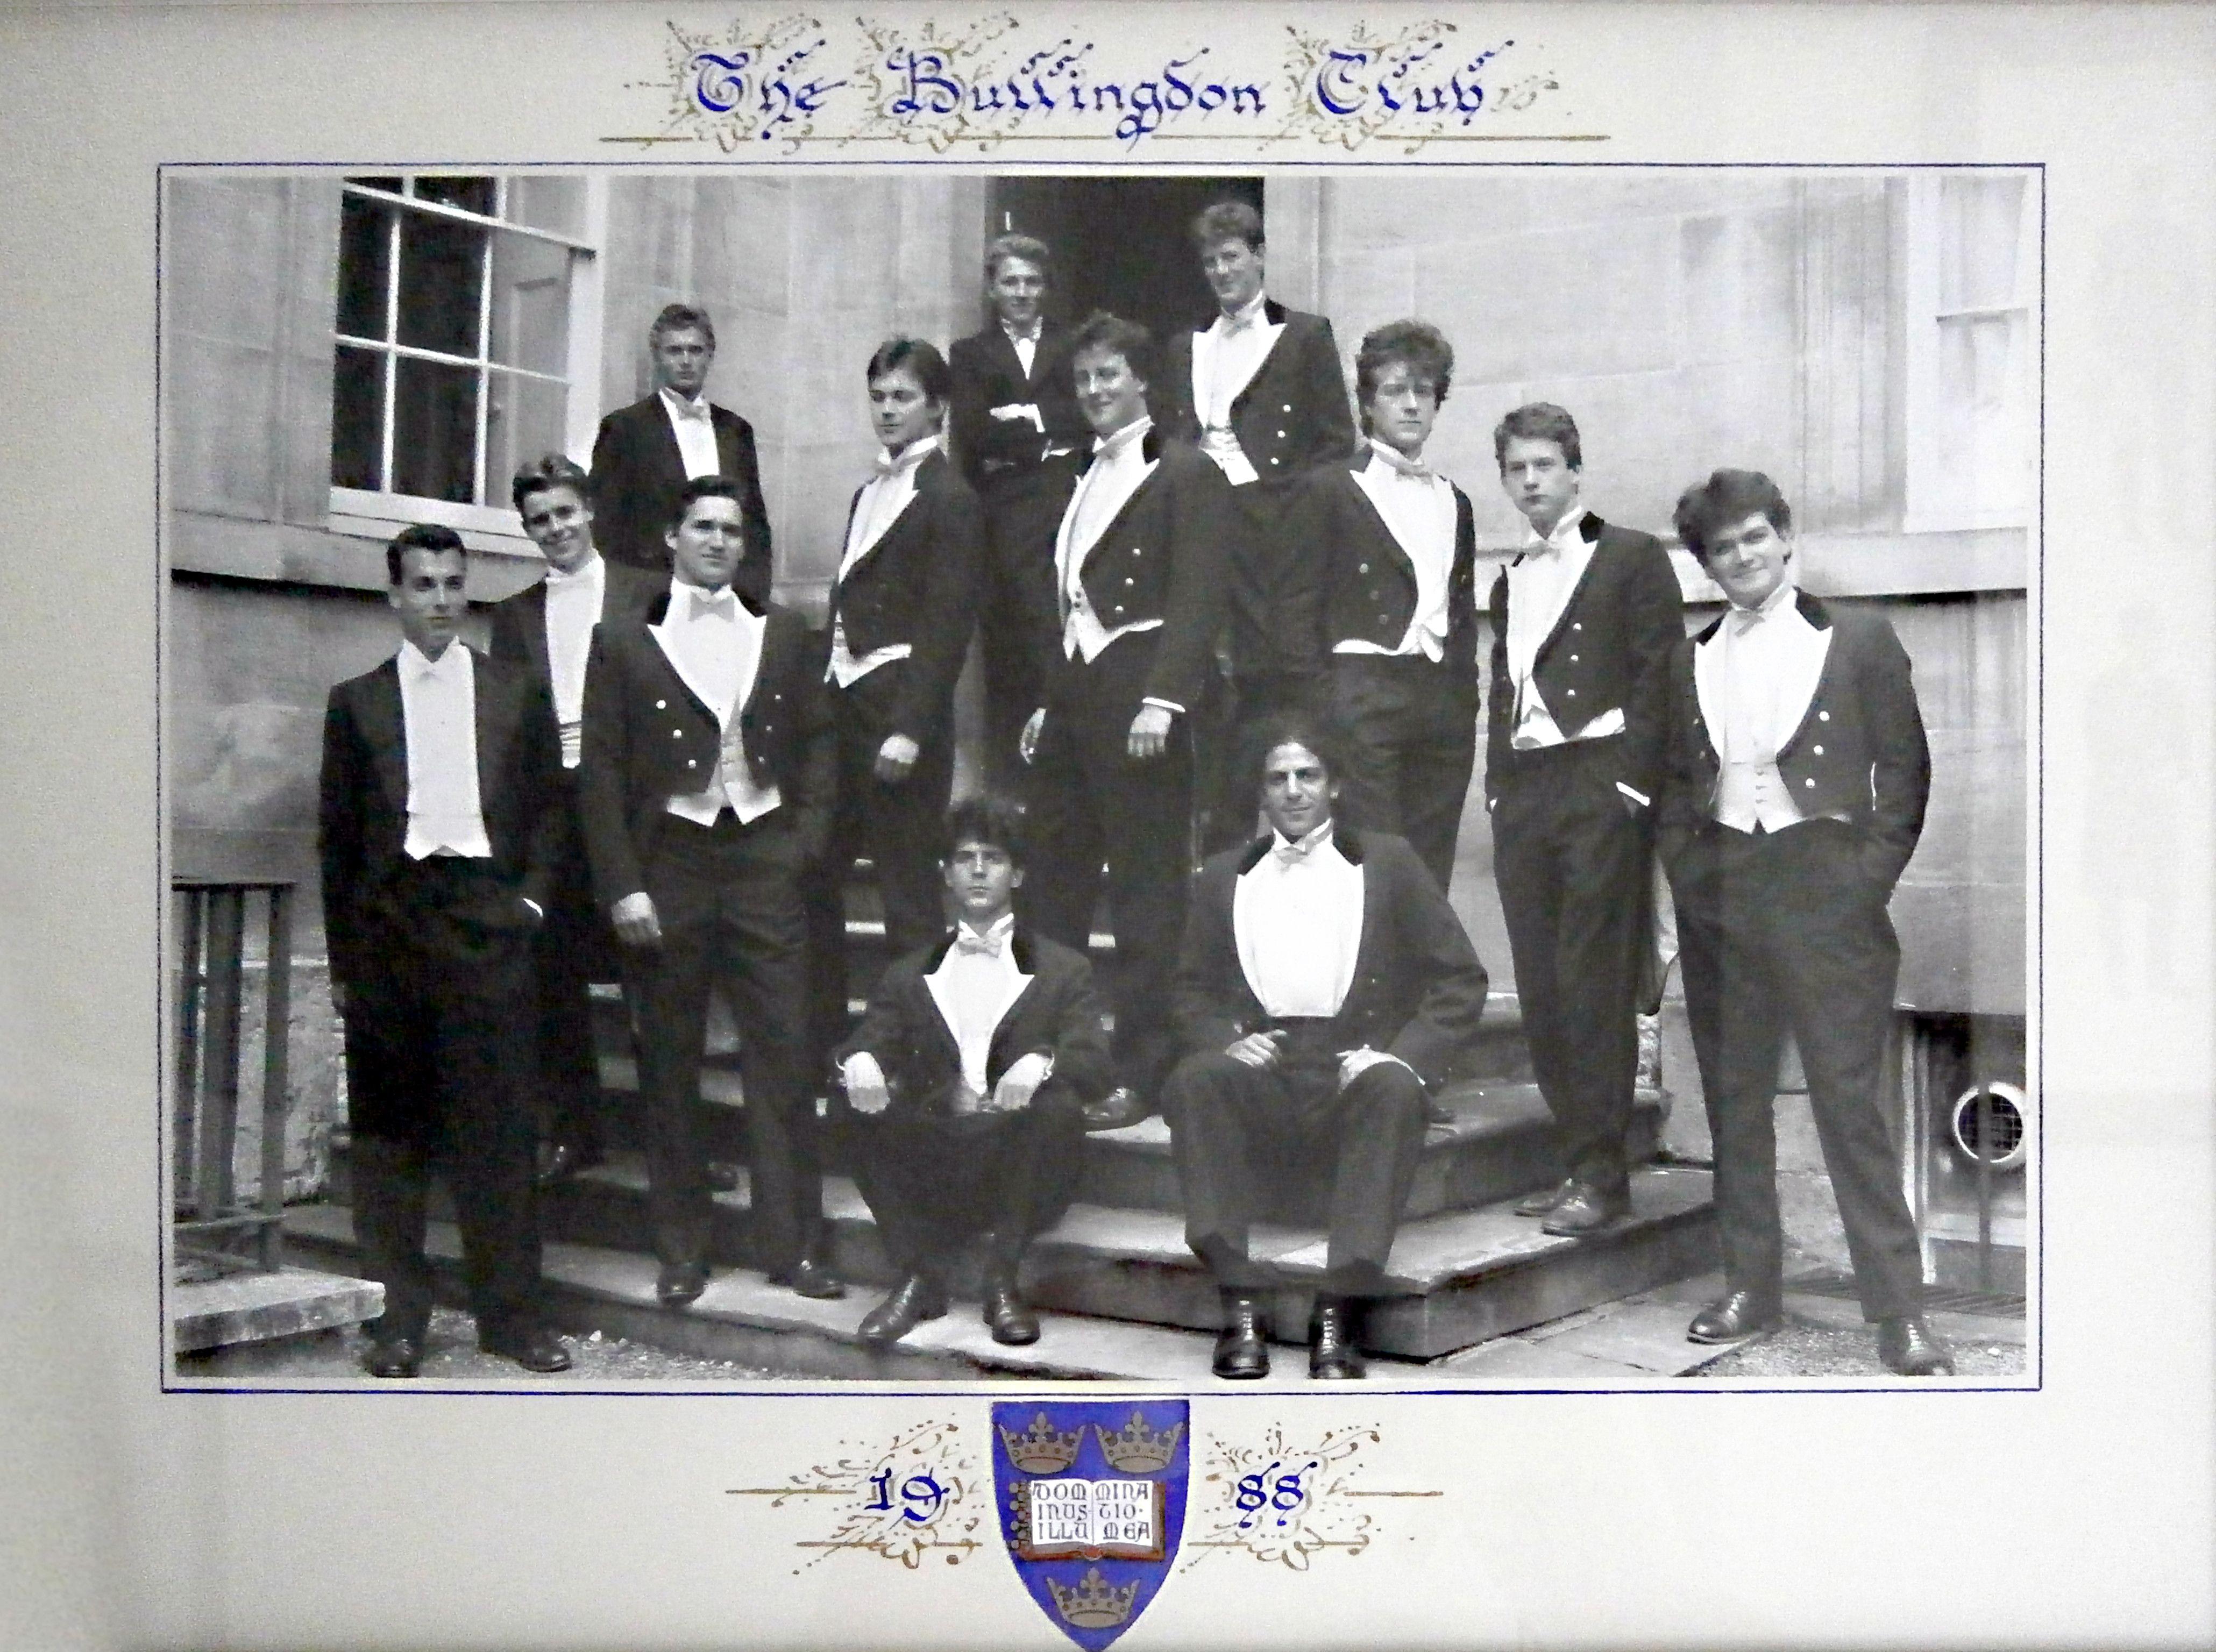 Los orígenes de David Cameron: miembro del elitista, exclusivo y vandálico club Bullingdon